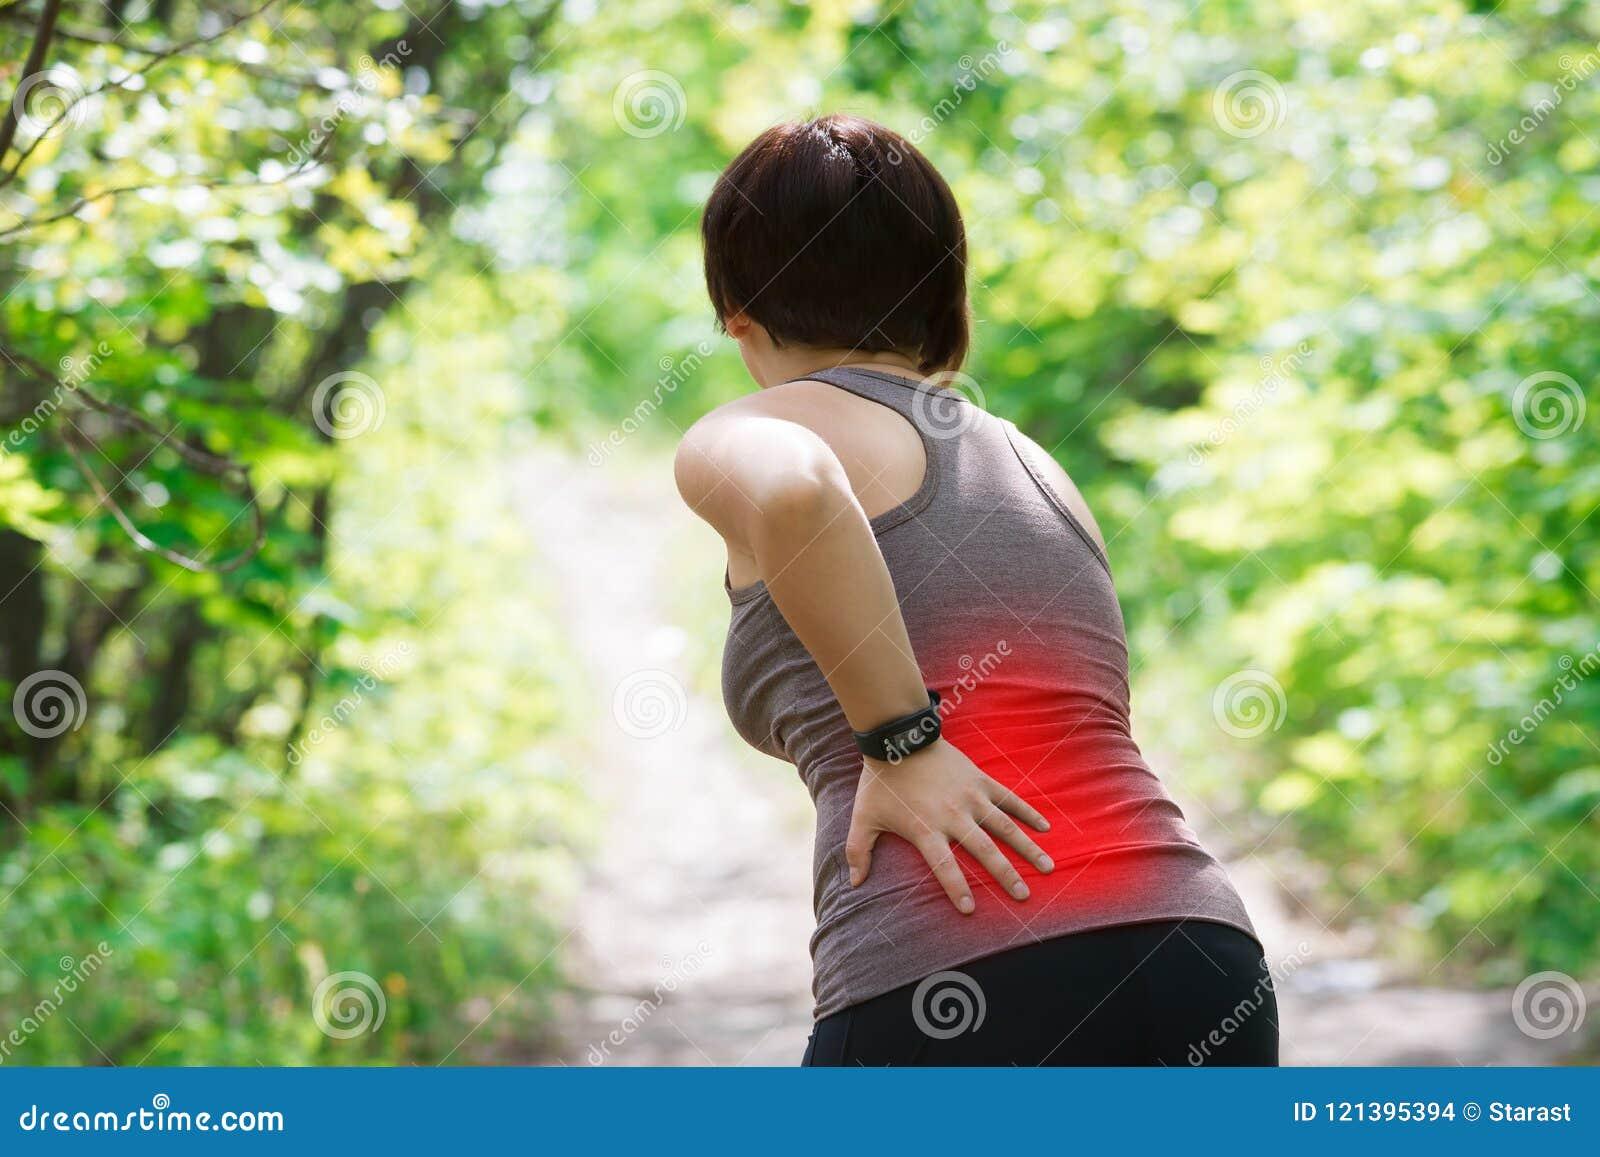 Kvinnan med tillbaka smärtar, njureinflammation, skada under genomkörare